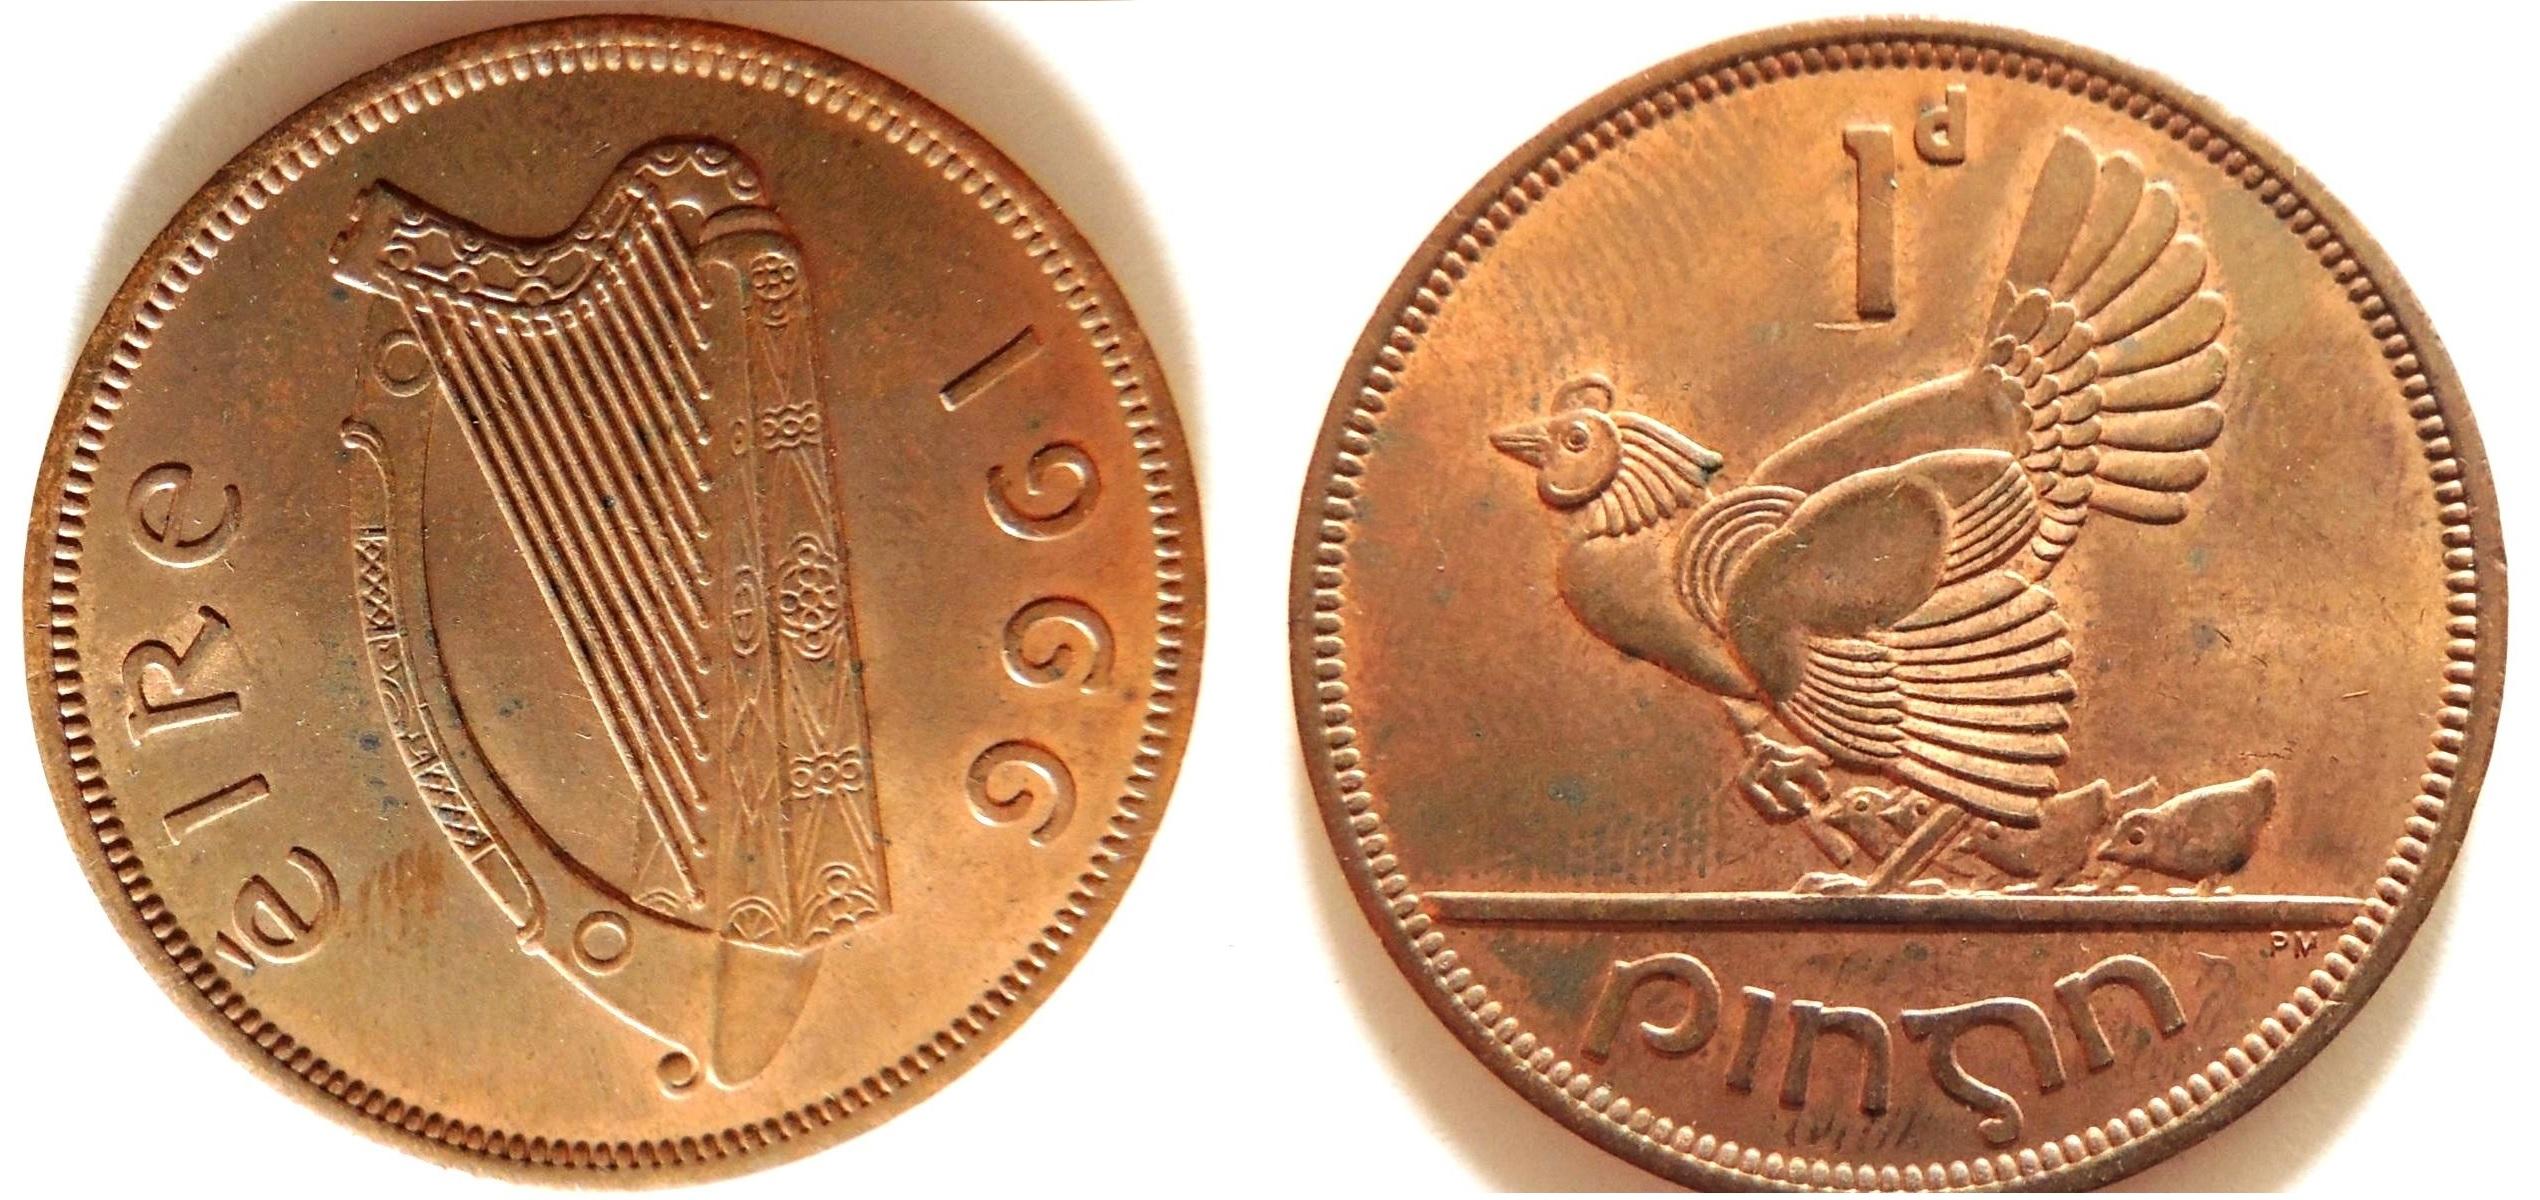 Value 1935 Penny Irish Penny